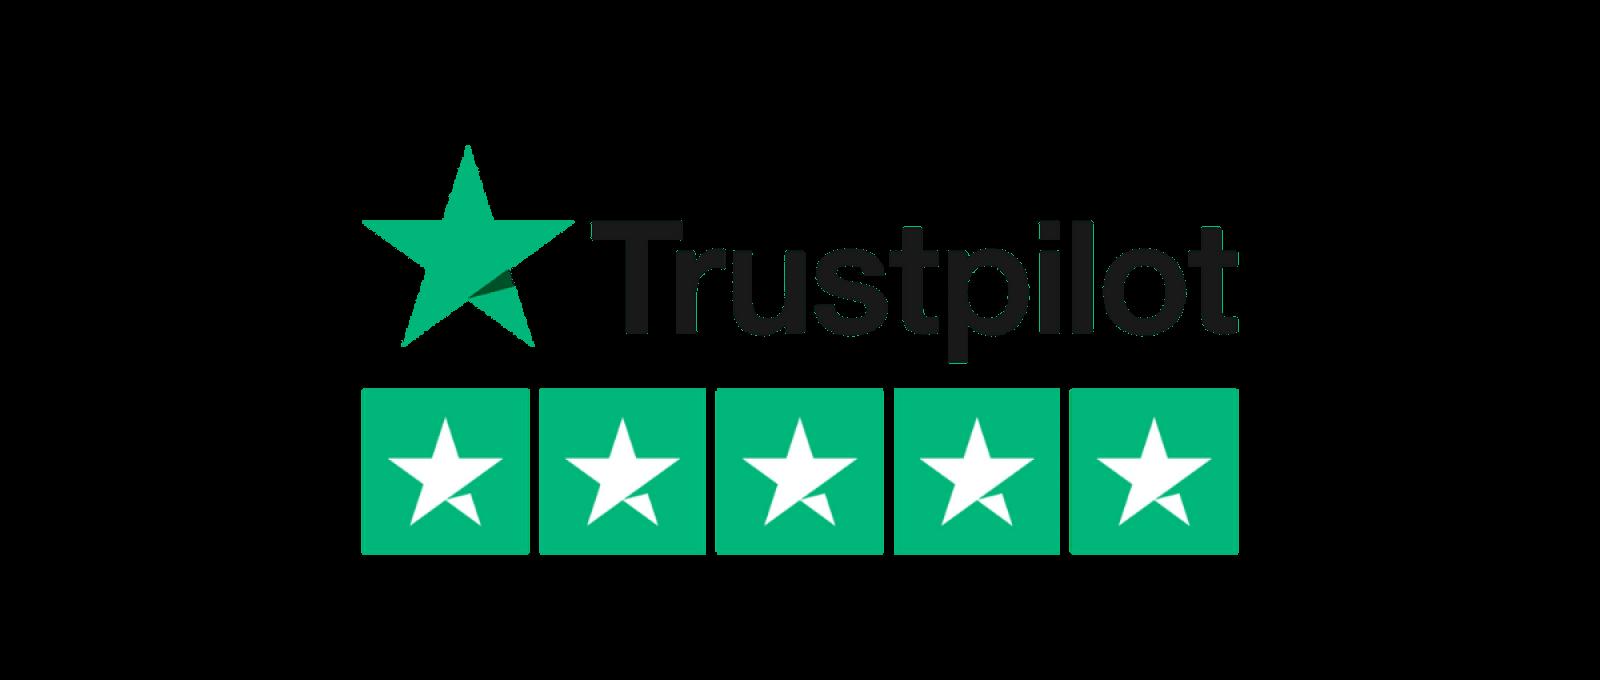 TrustPilot 5-Star Reviews for Beaming White